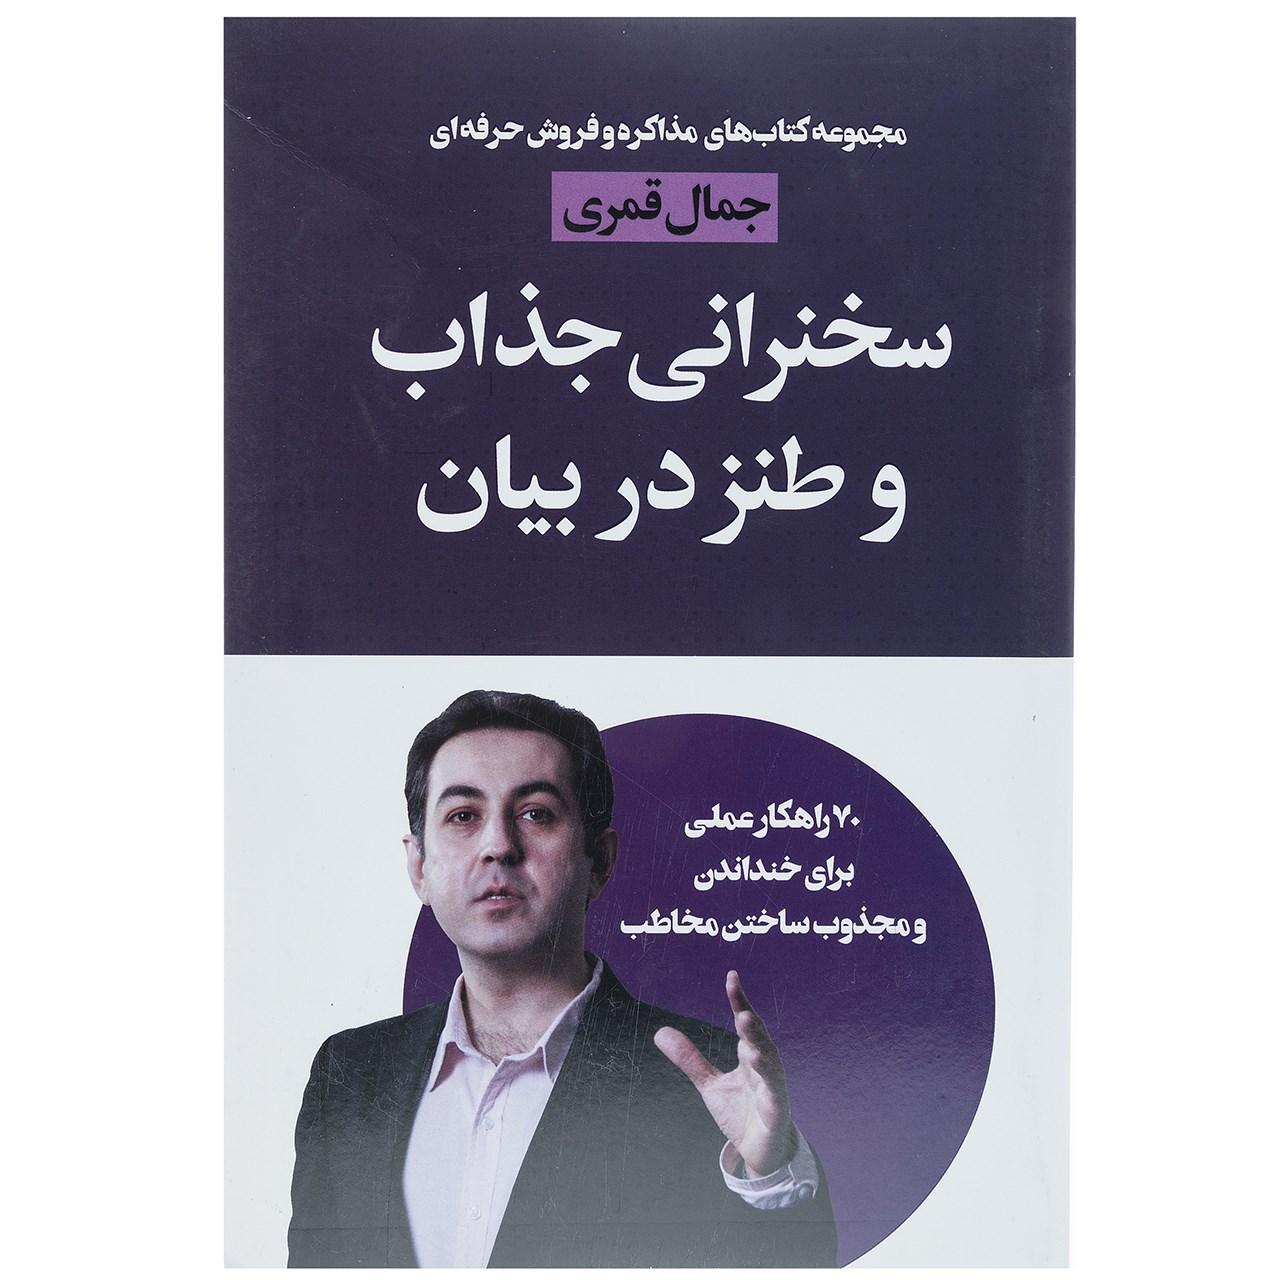 خرید                      کتاب سخنرانی جذاب و طنز در بیان اثر جمال قمری